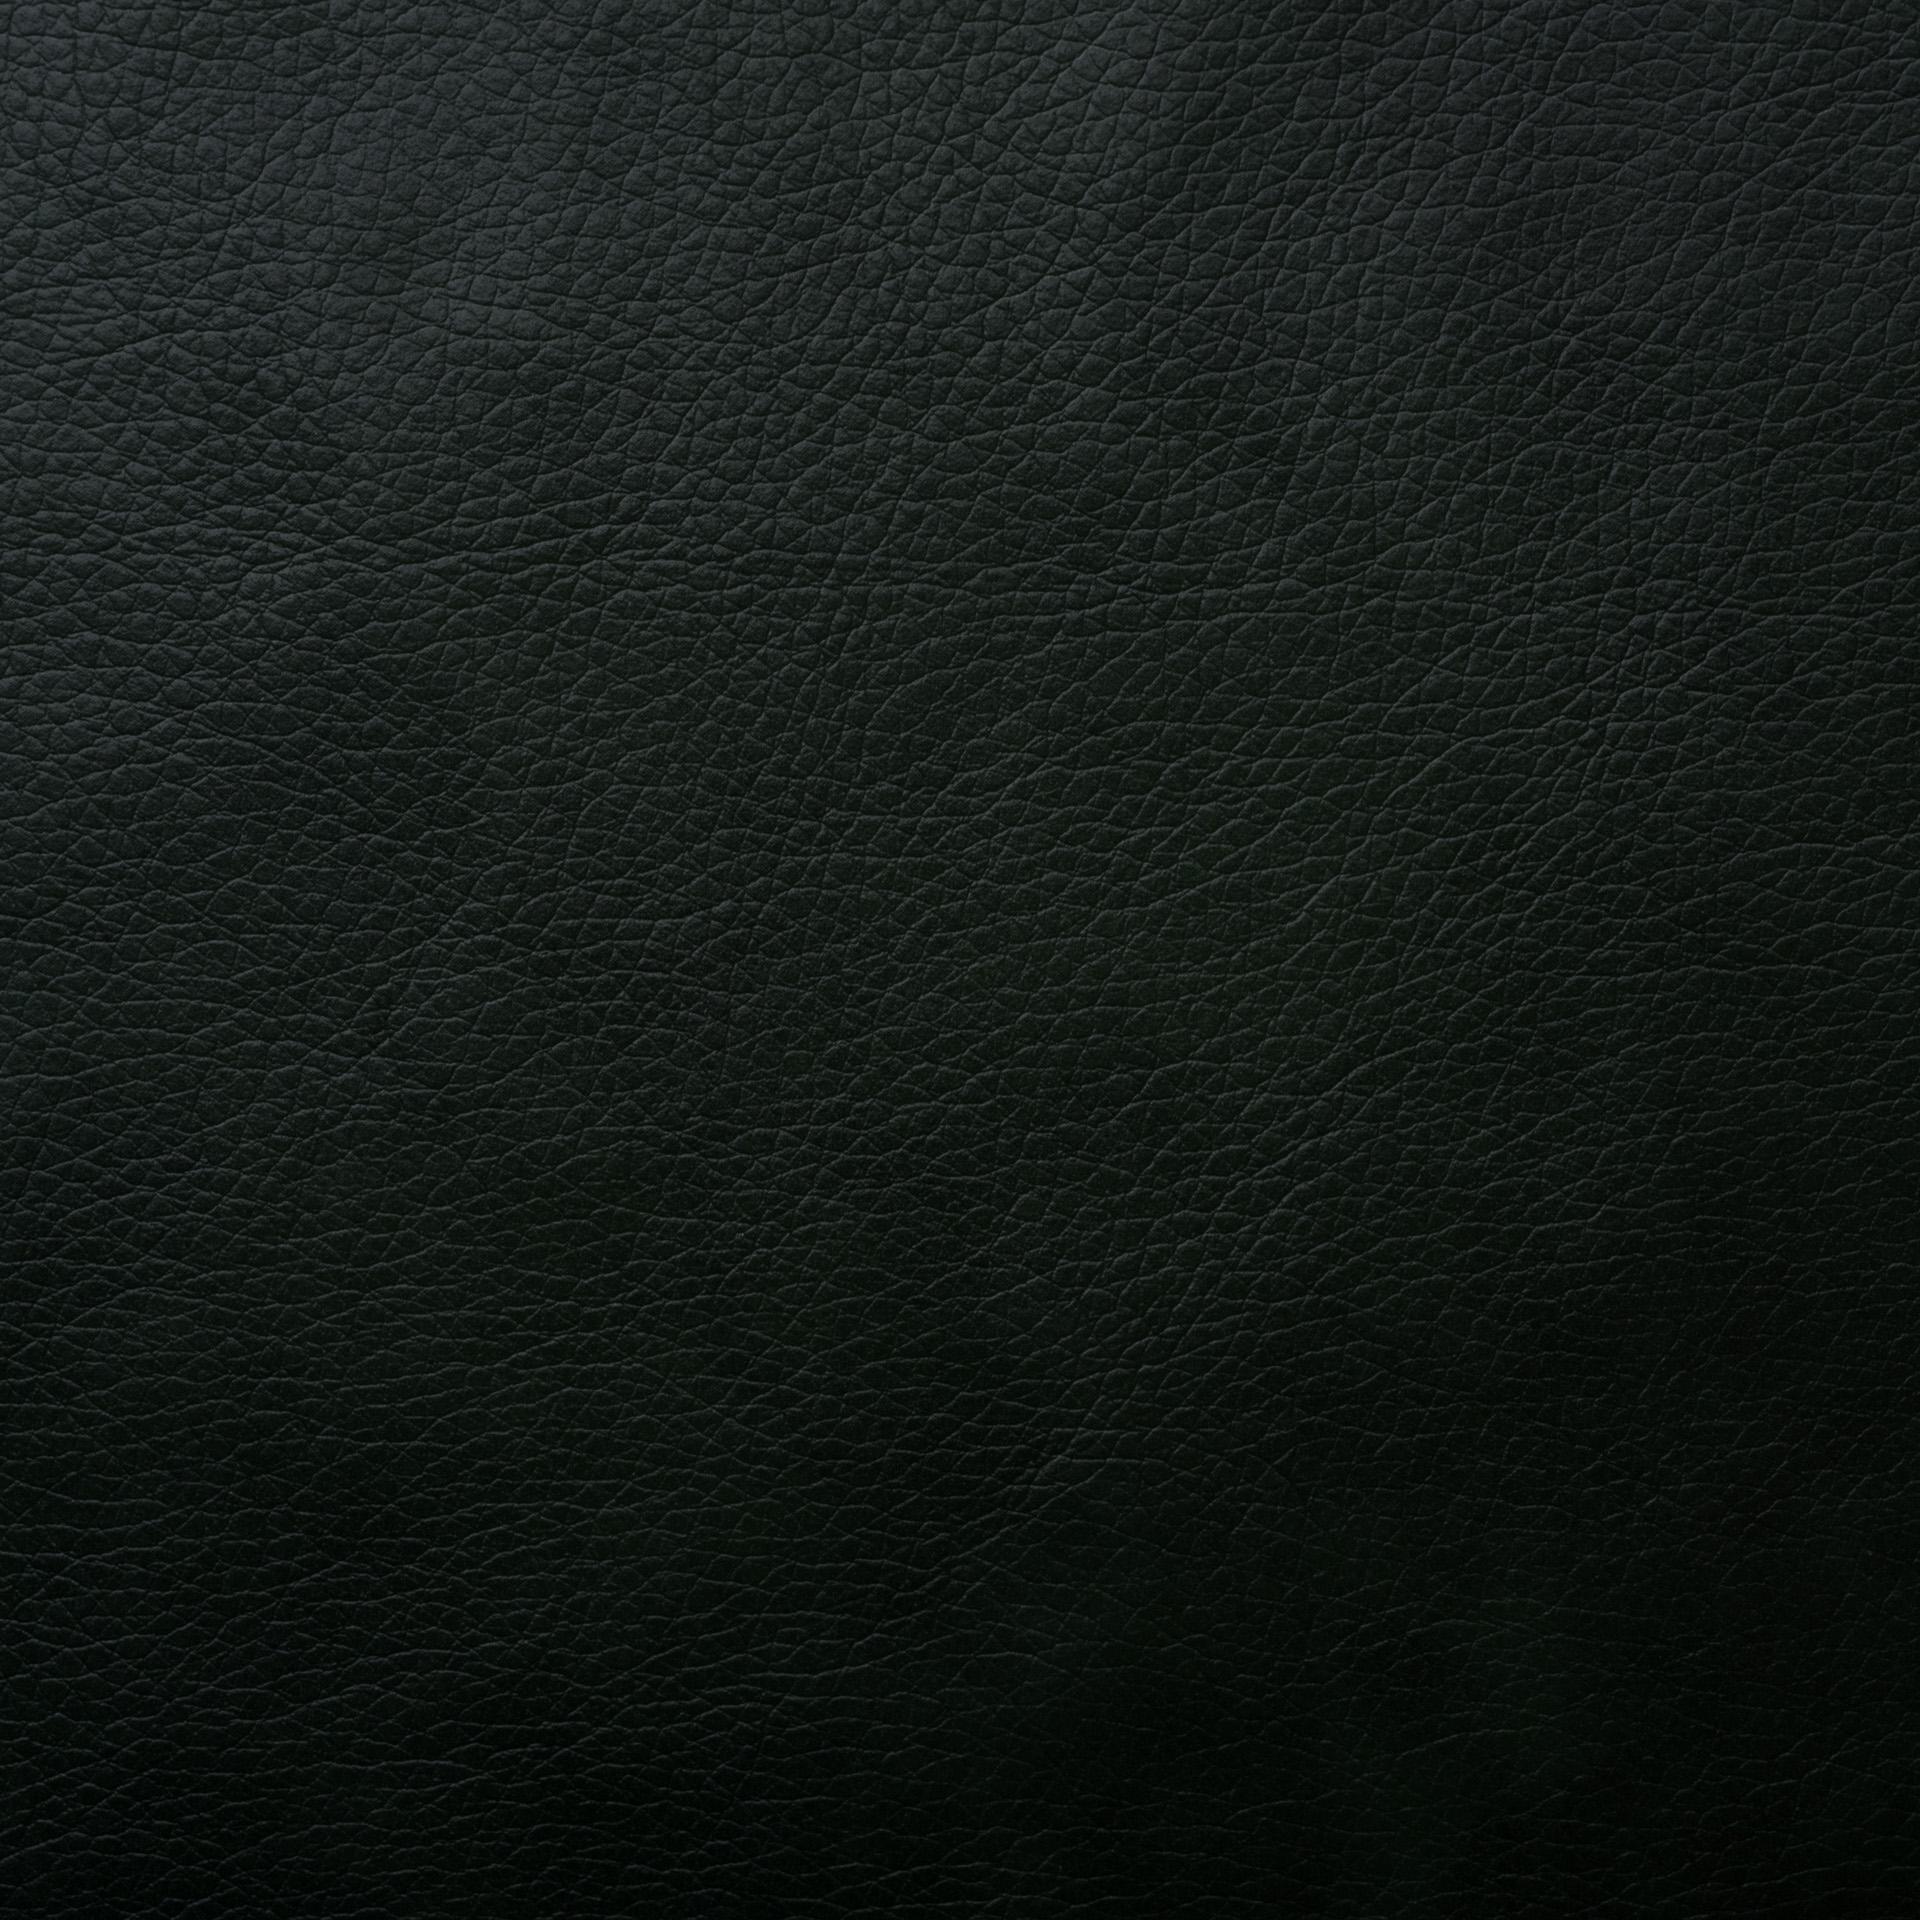 Коллекция ткани Мадрас GREEN INDIA,  купить ткань Кож зам для мебели Украина